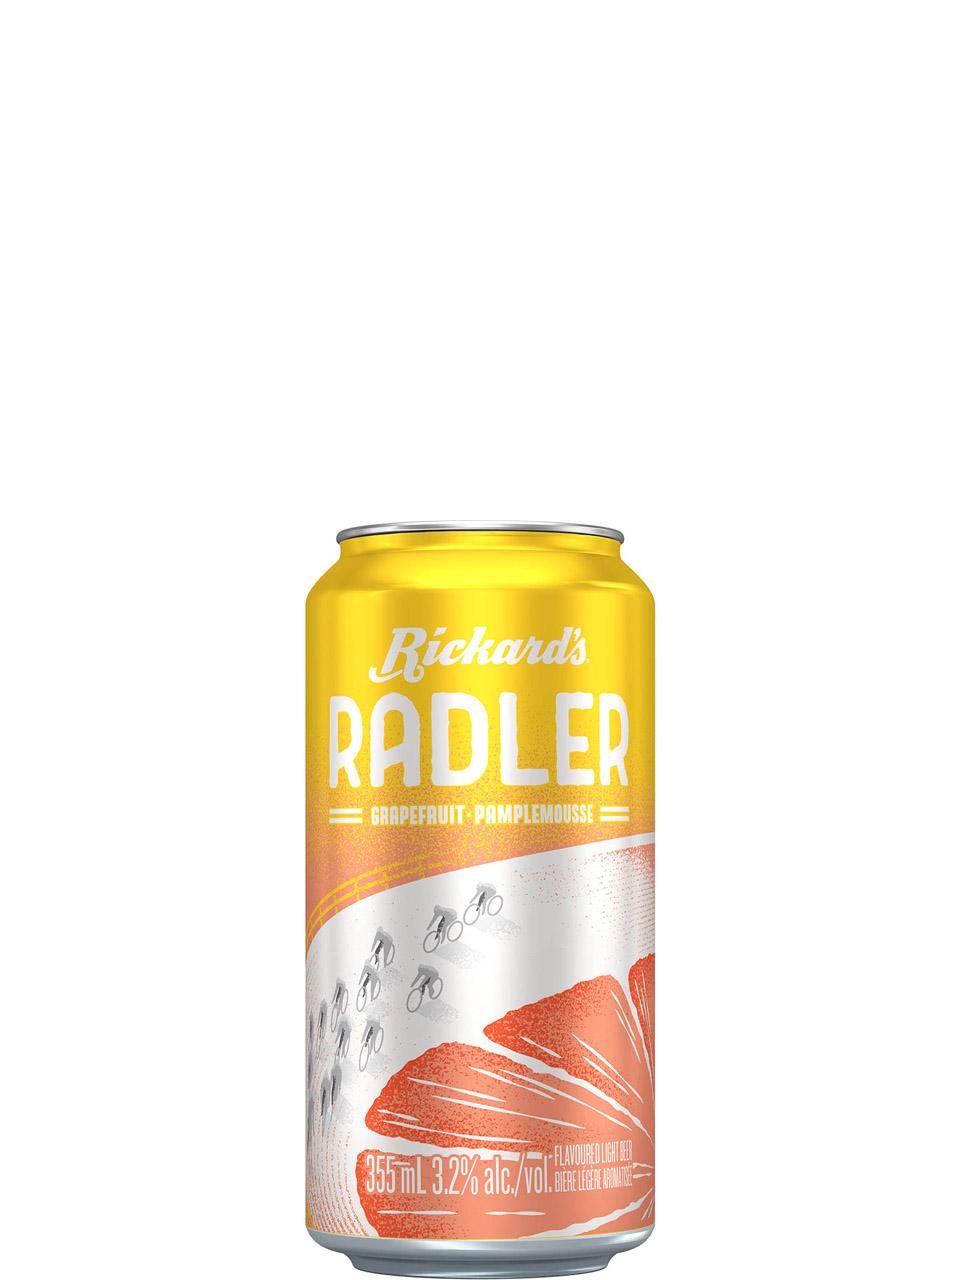 Rickard's Radler 6 Pack Cans